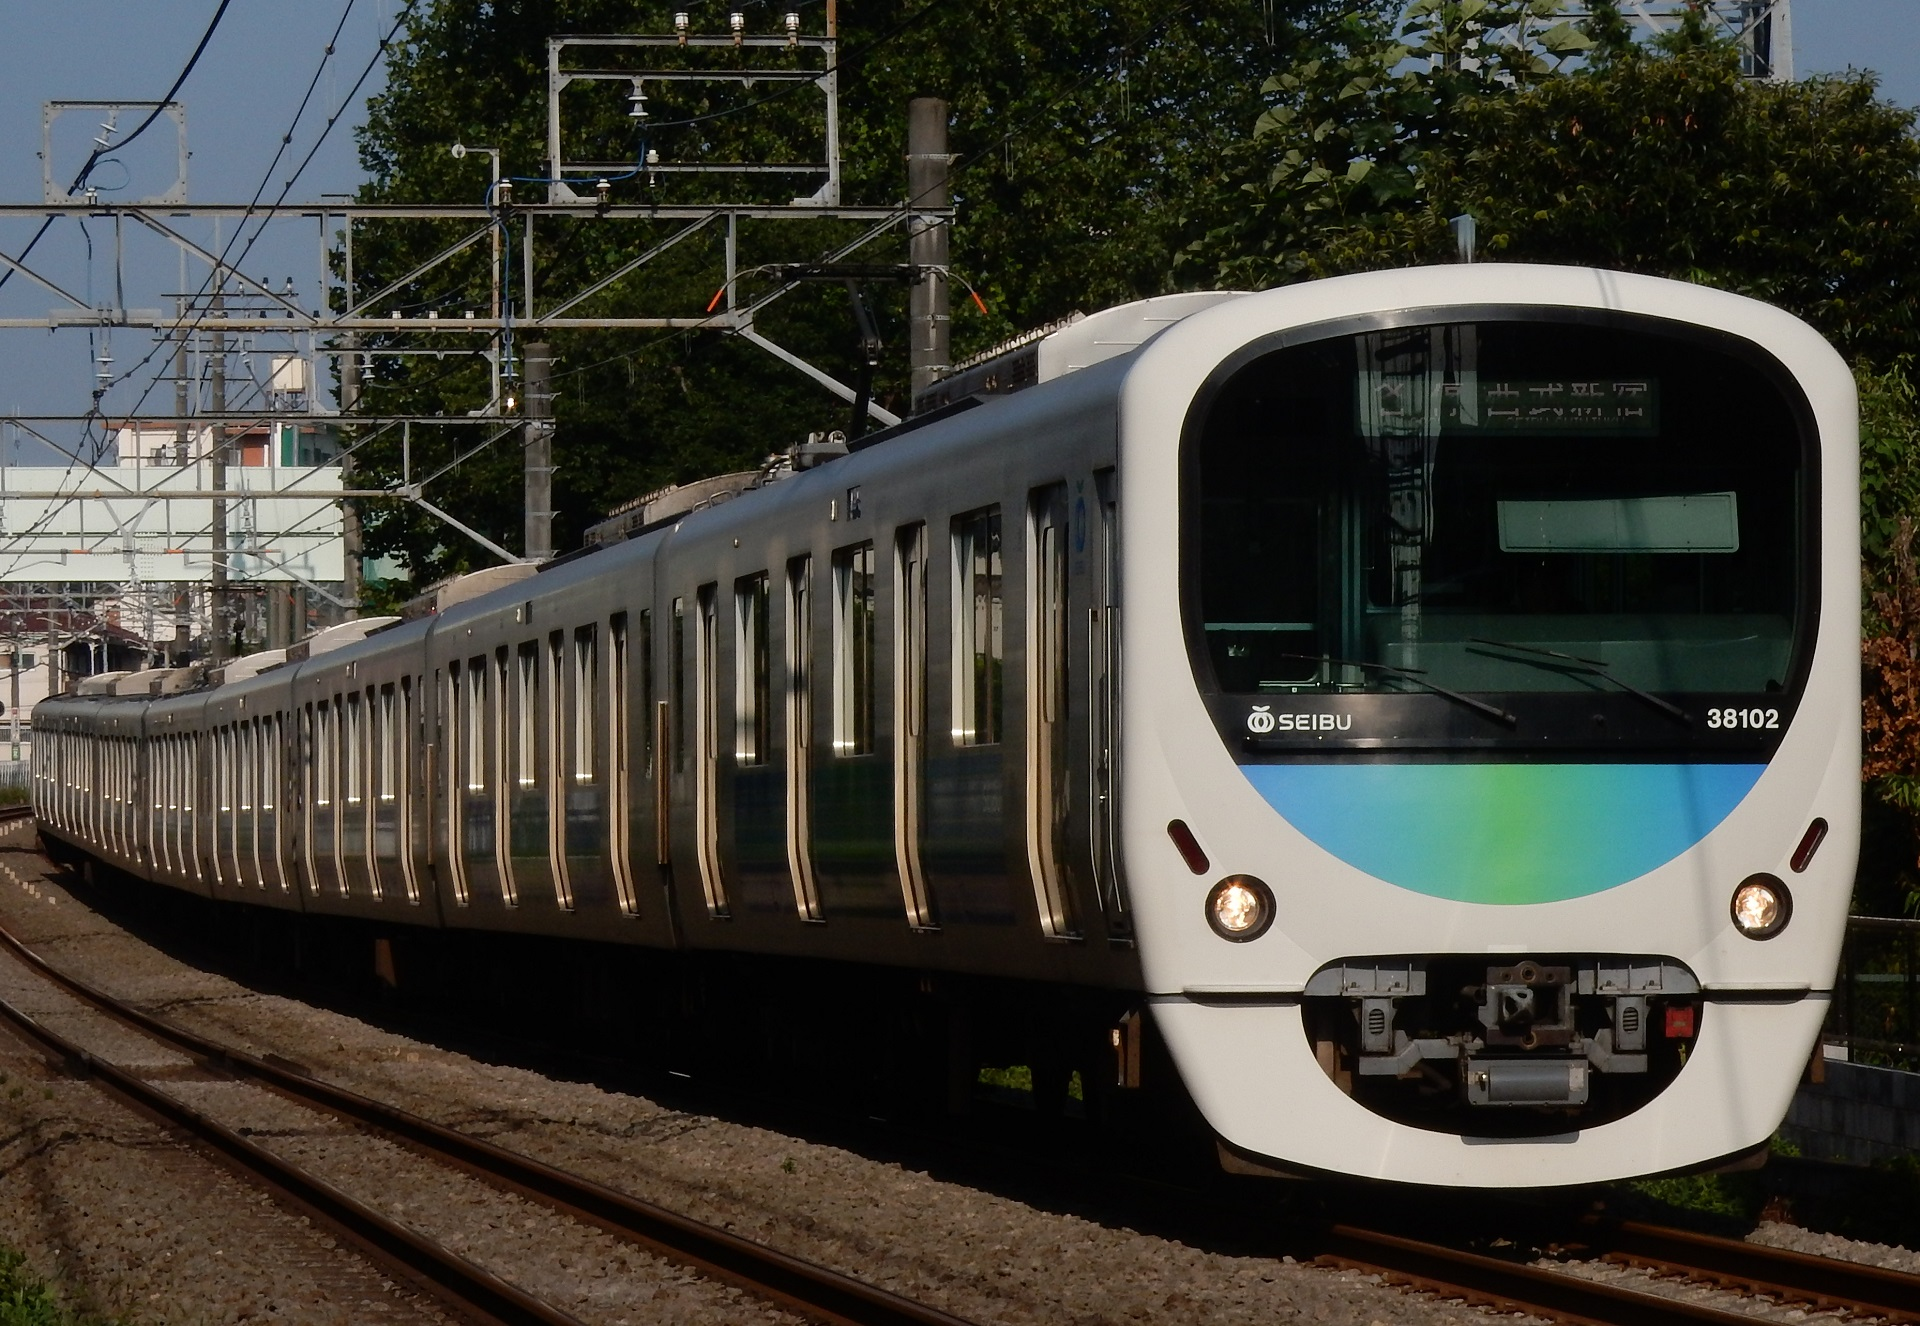 DSCN4796 - コピー